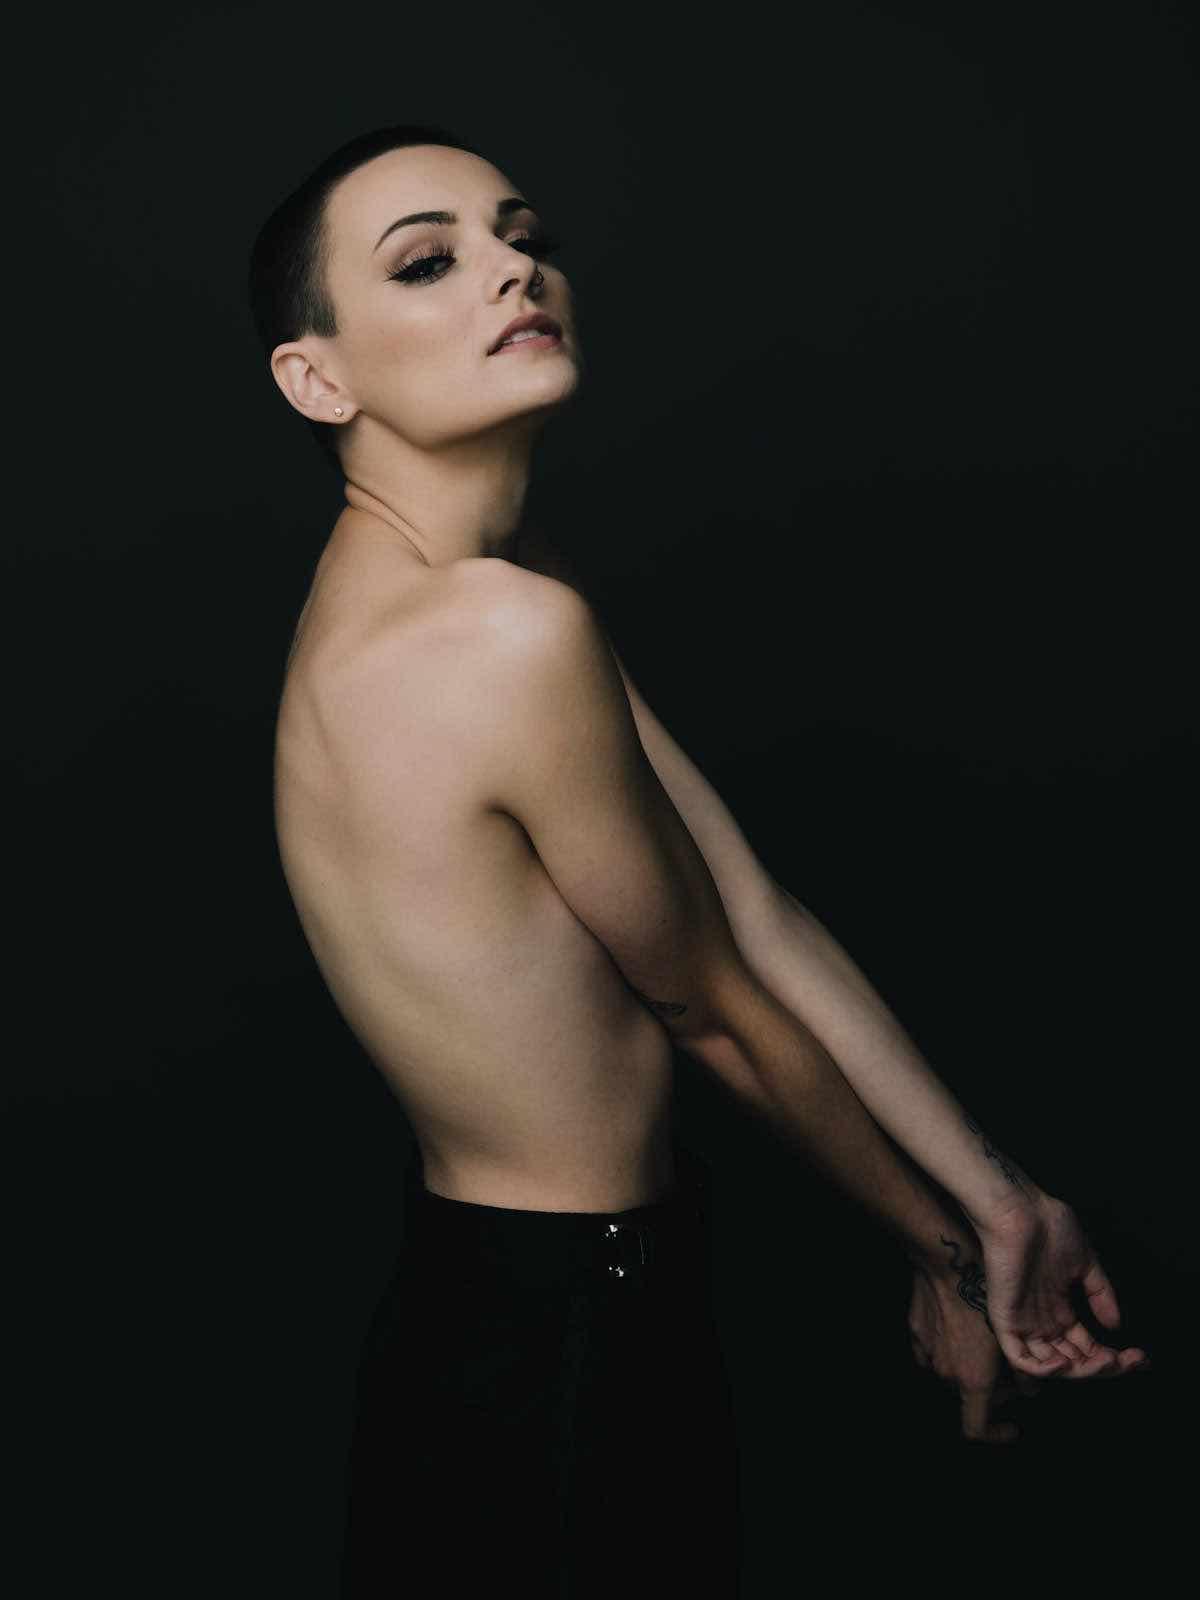 sce-agency-female-model-hunter-g-6a